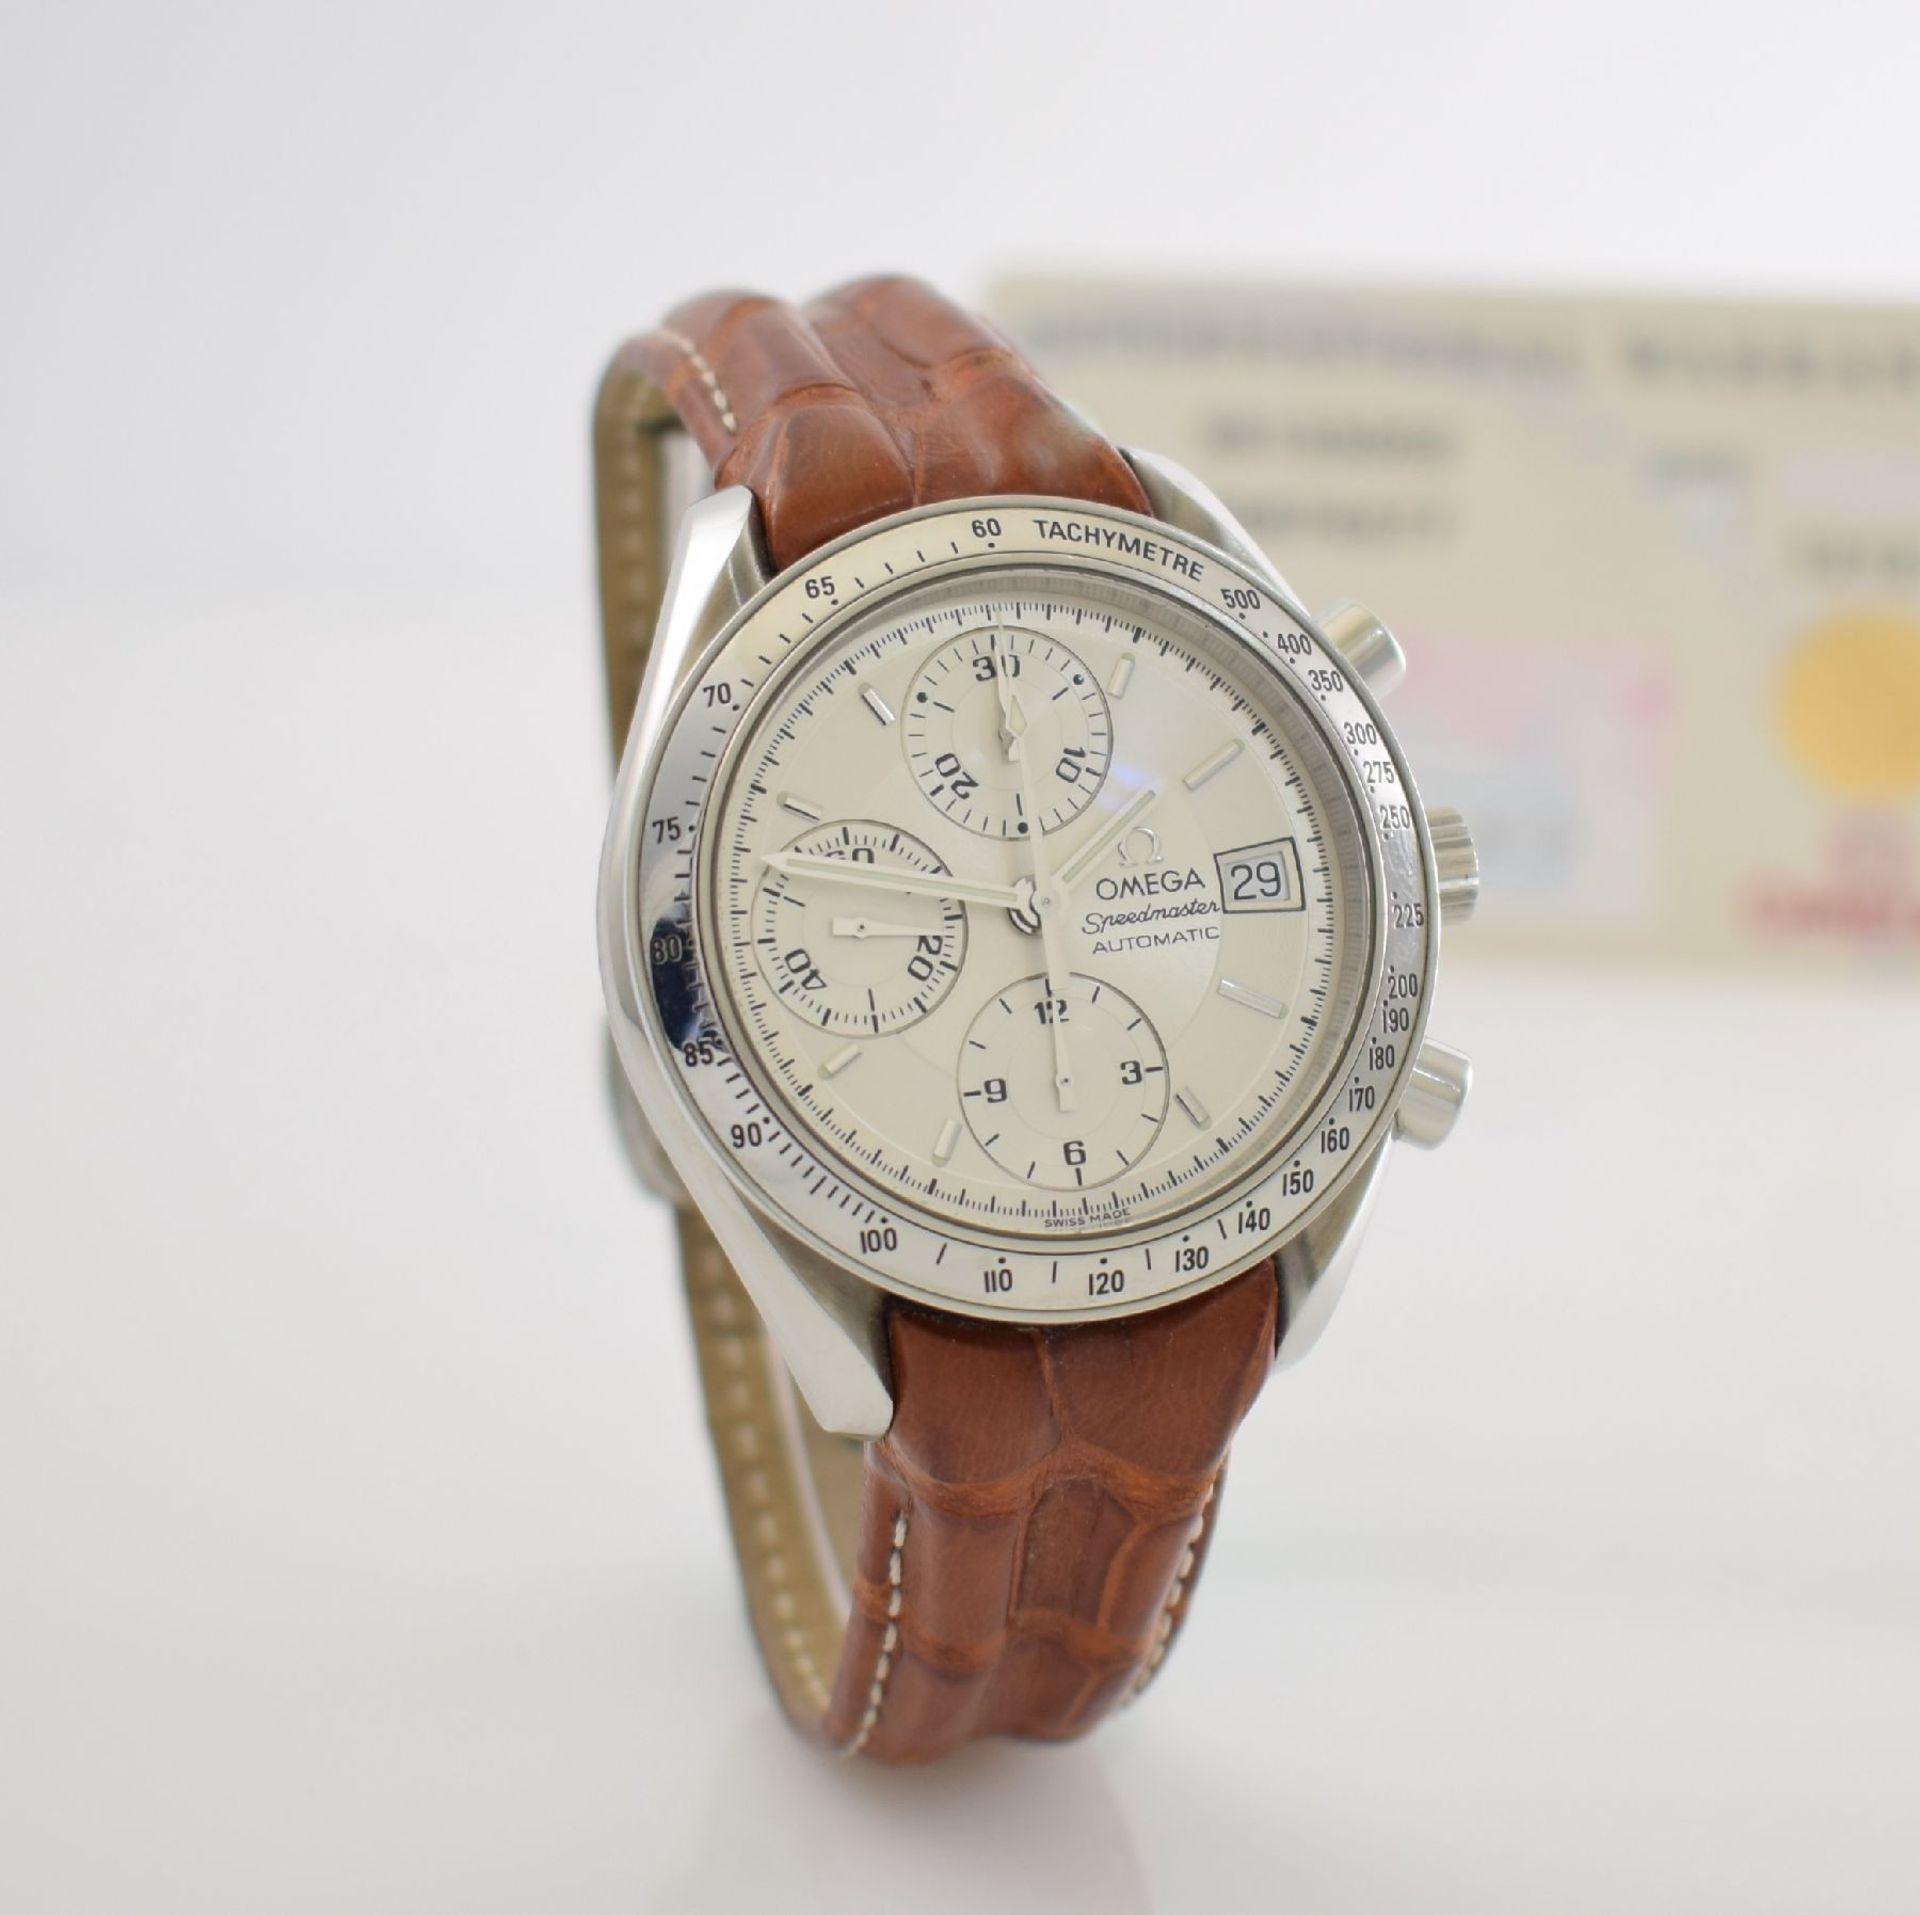 OMEGA Armbandchronograph Serie Speedmaster, Automatik, Schweiz um 1998, Ref. 1750083/3750083, - Bild 6 aus 8